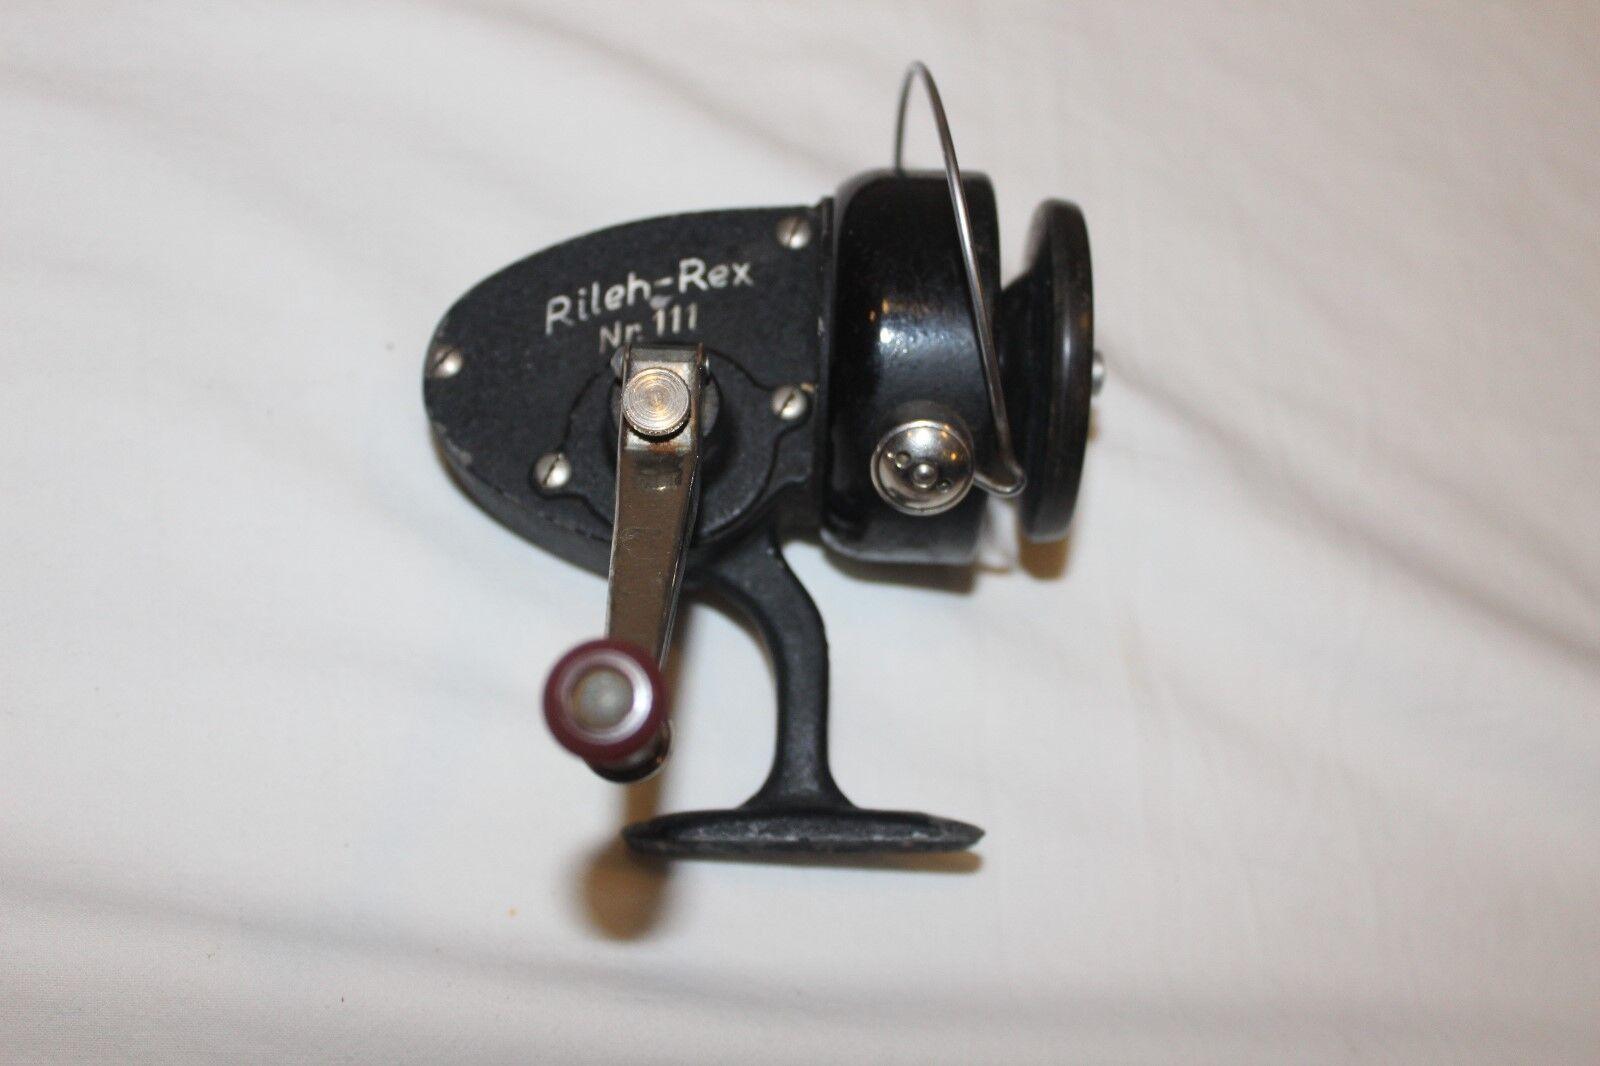 DDR ROLLE   RILEH-REX NR 111  - Nr-1960